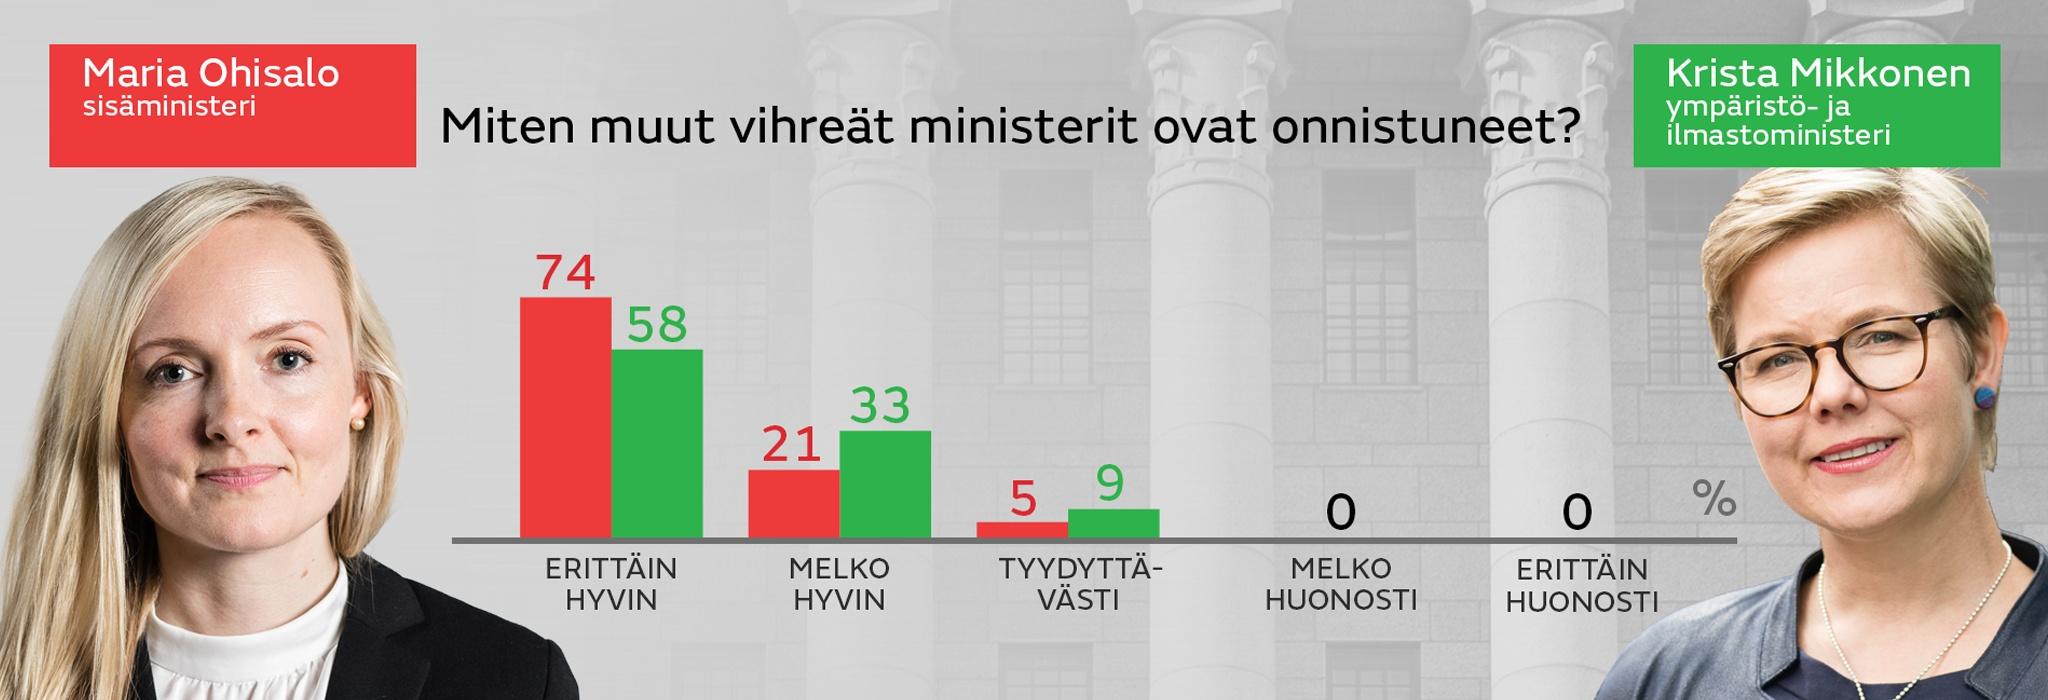 Vihreat_Miten muut vihreat ministerit ovat